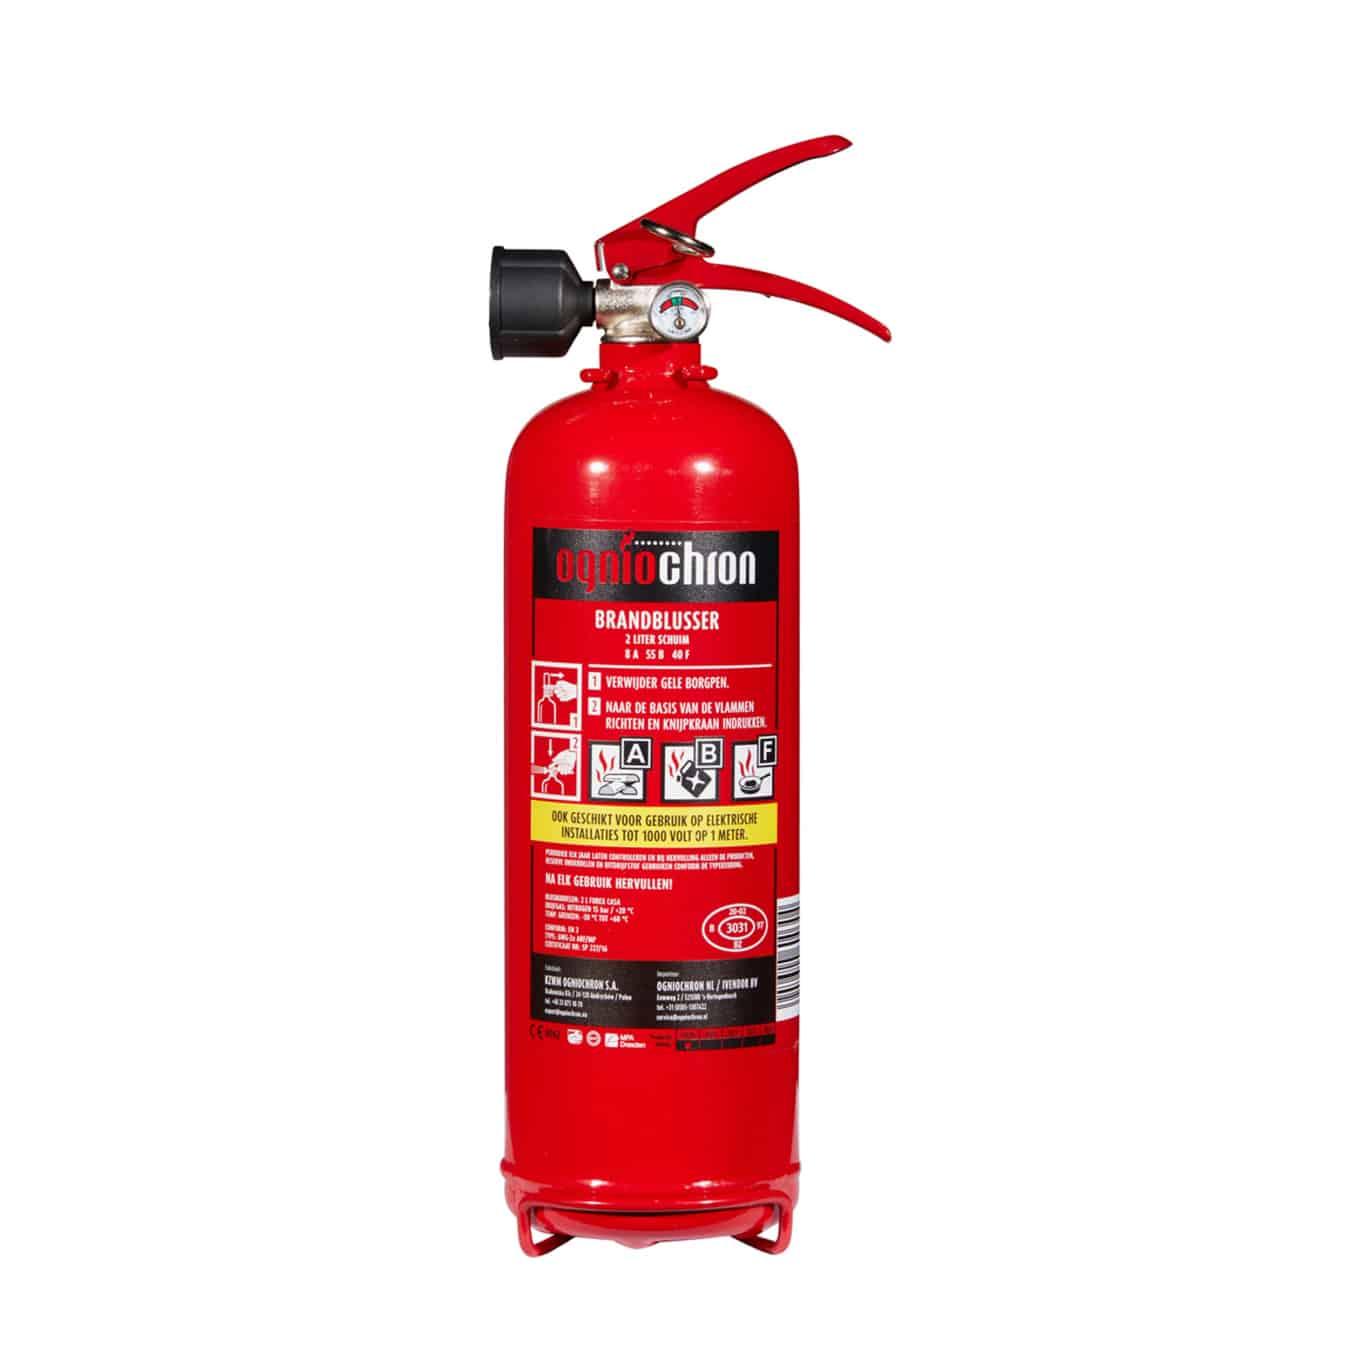 Koop Ogniochron Brandblusser schuim 2 liter – GWG-2x ABF-MP